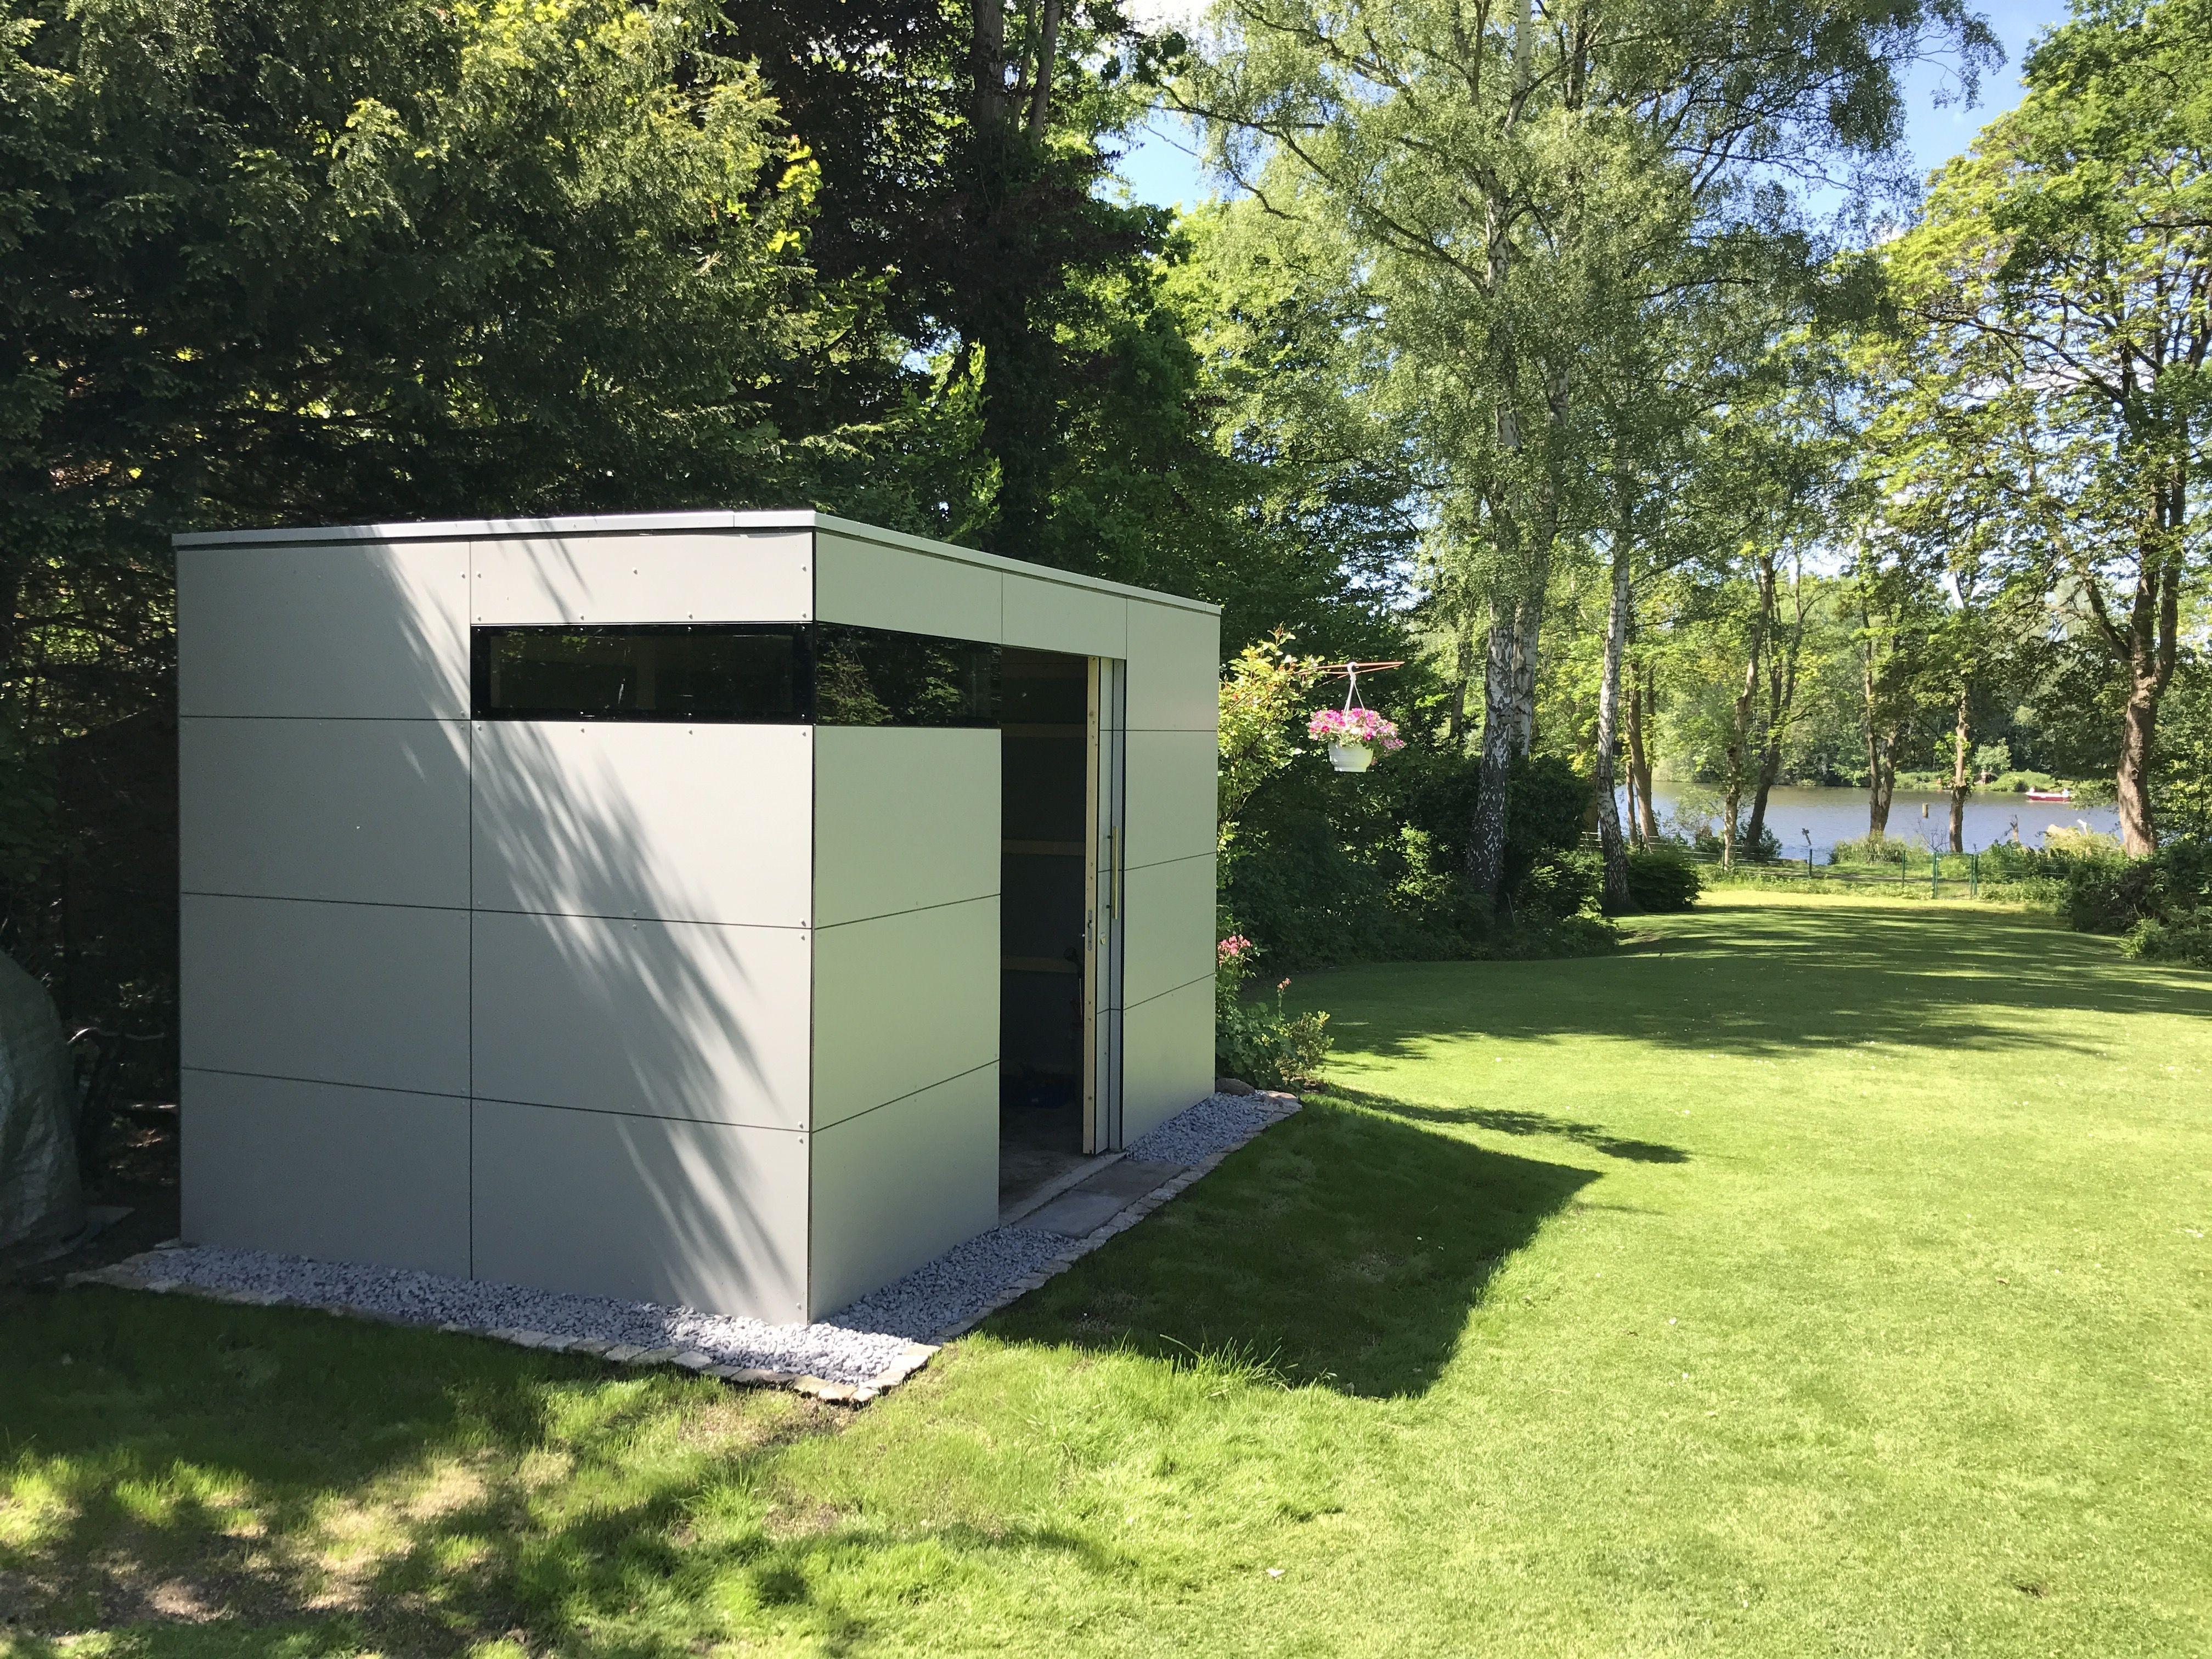 Gartenhaus Augsburg design gartenhaus @_gart in lübeckdesign@garten - augsburg